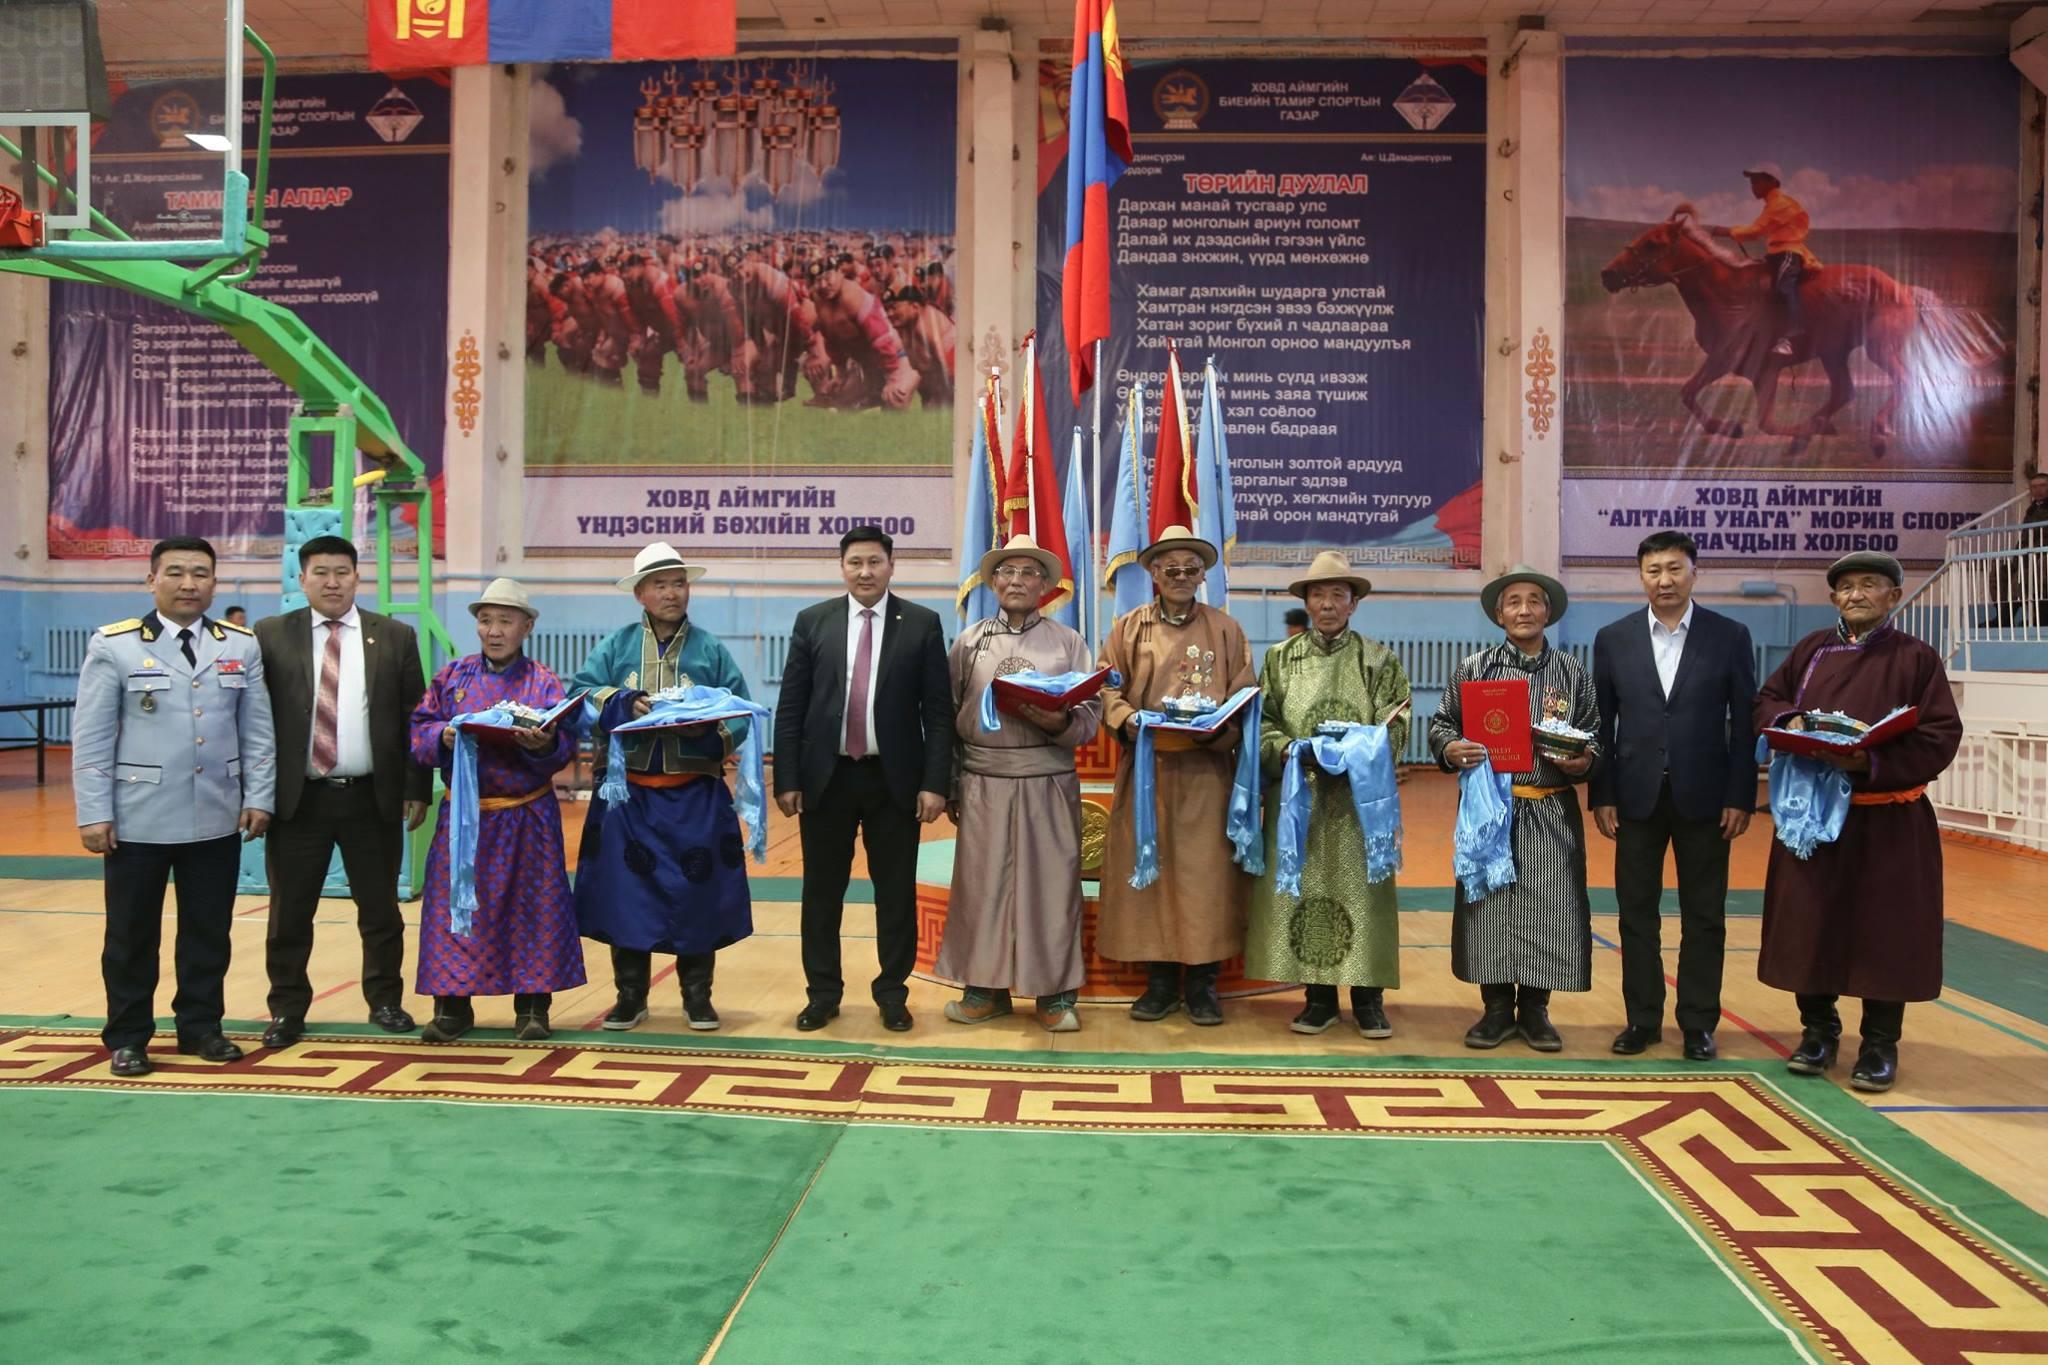 Монгол улсын Зэвсэгт хүчний 98 жилийн ой, Монгол цэргийн өдрийг угтаж аймгийн